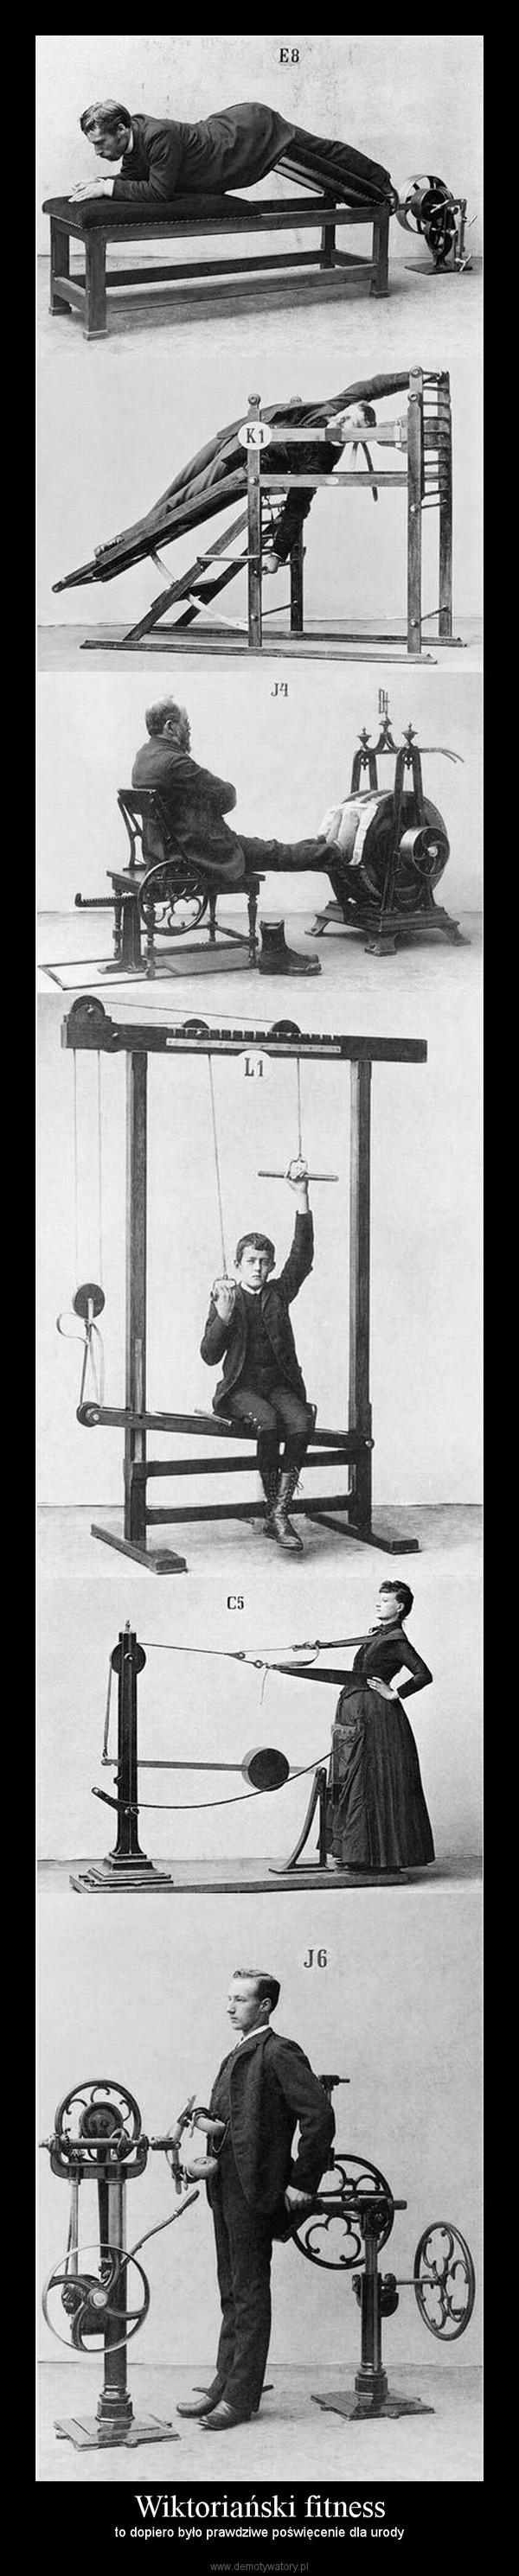 Wiktoriański fitness – to dopiero było prawdziwe poświęcenie dla urody